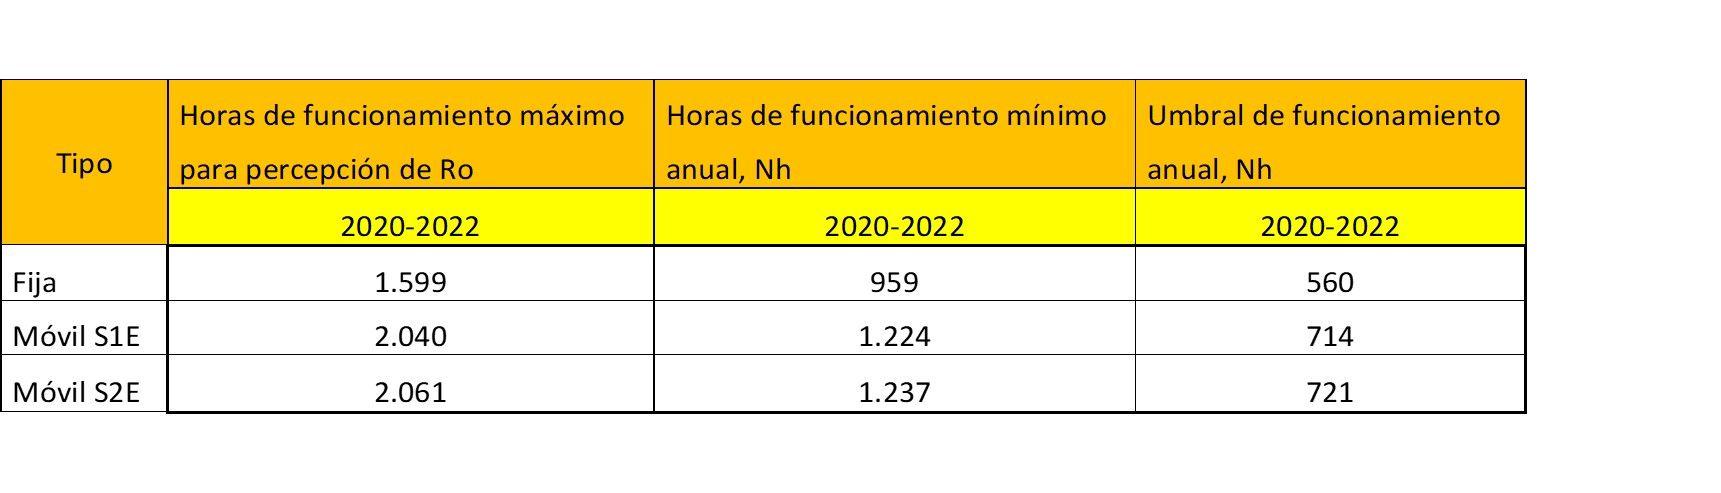 tabla para el post de nueva herramienta de cálculo de los nuevos parámetros retributivos para fotovoltaica de conexión a red - ofrecido por TECNOSOL